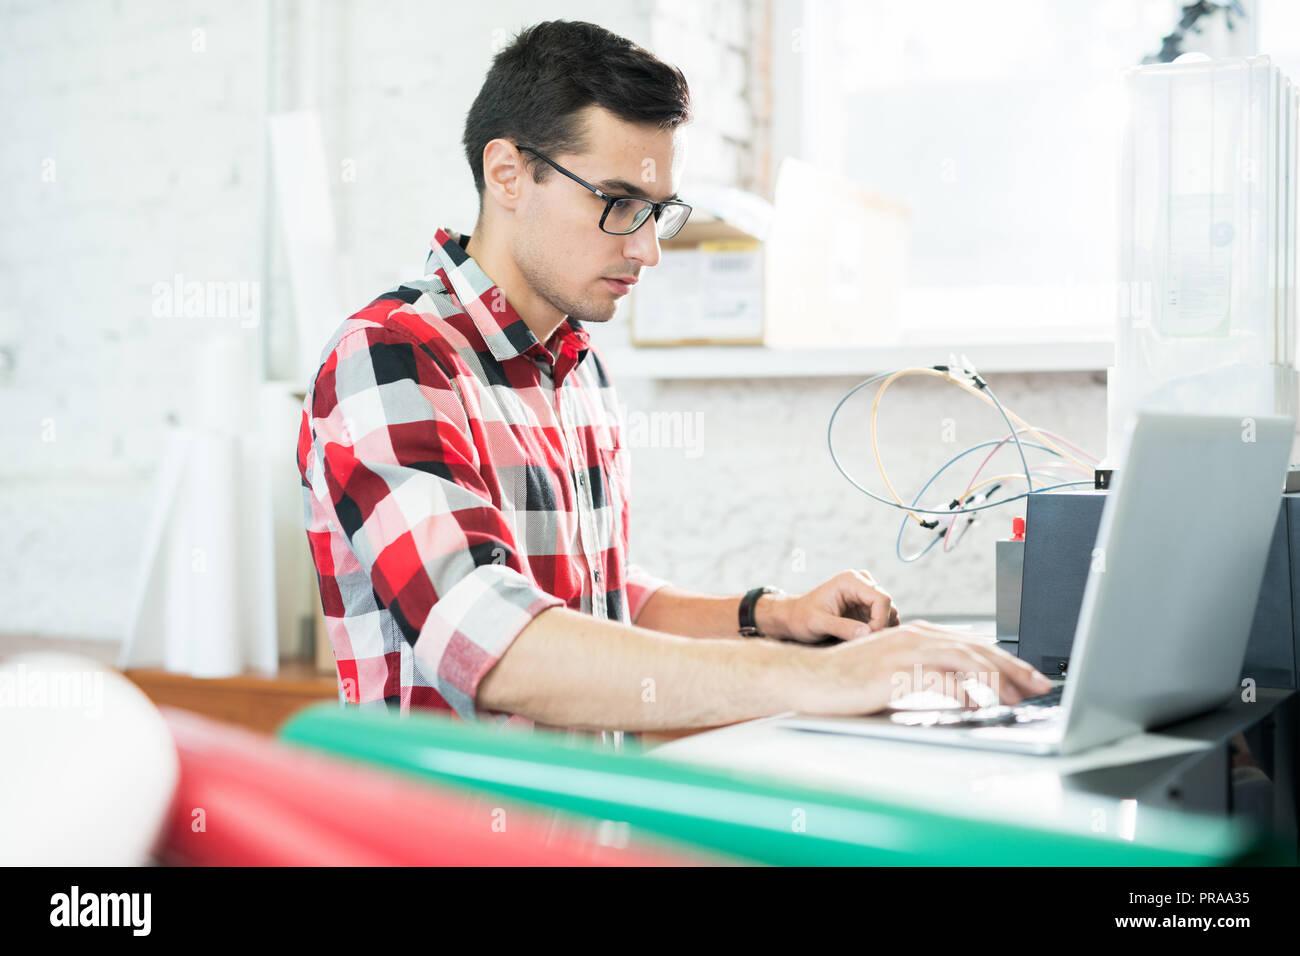 Technicien sérieux imprimante test sur ordinateur portable Photo Stock